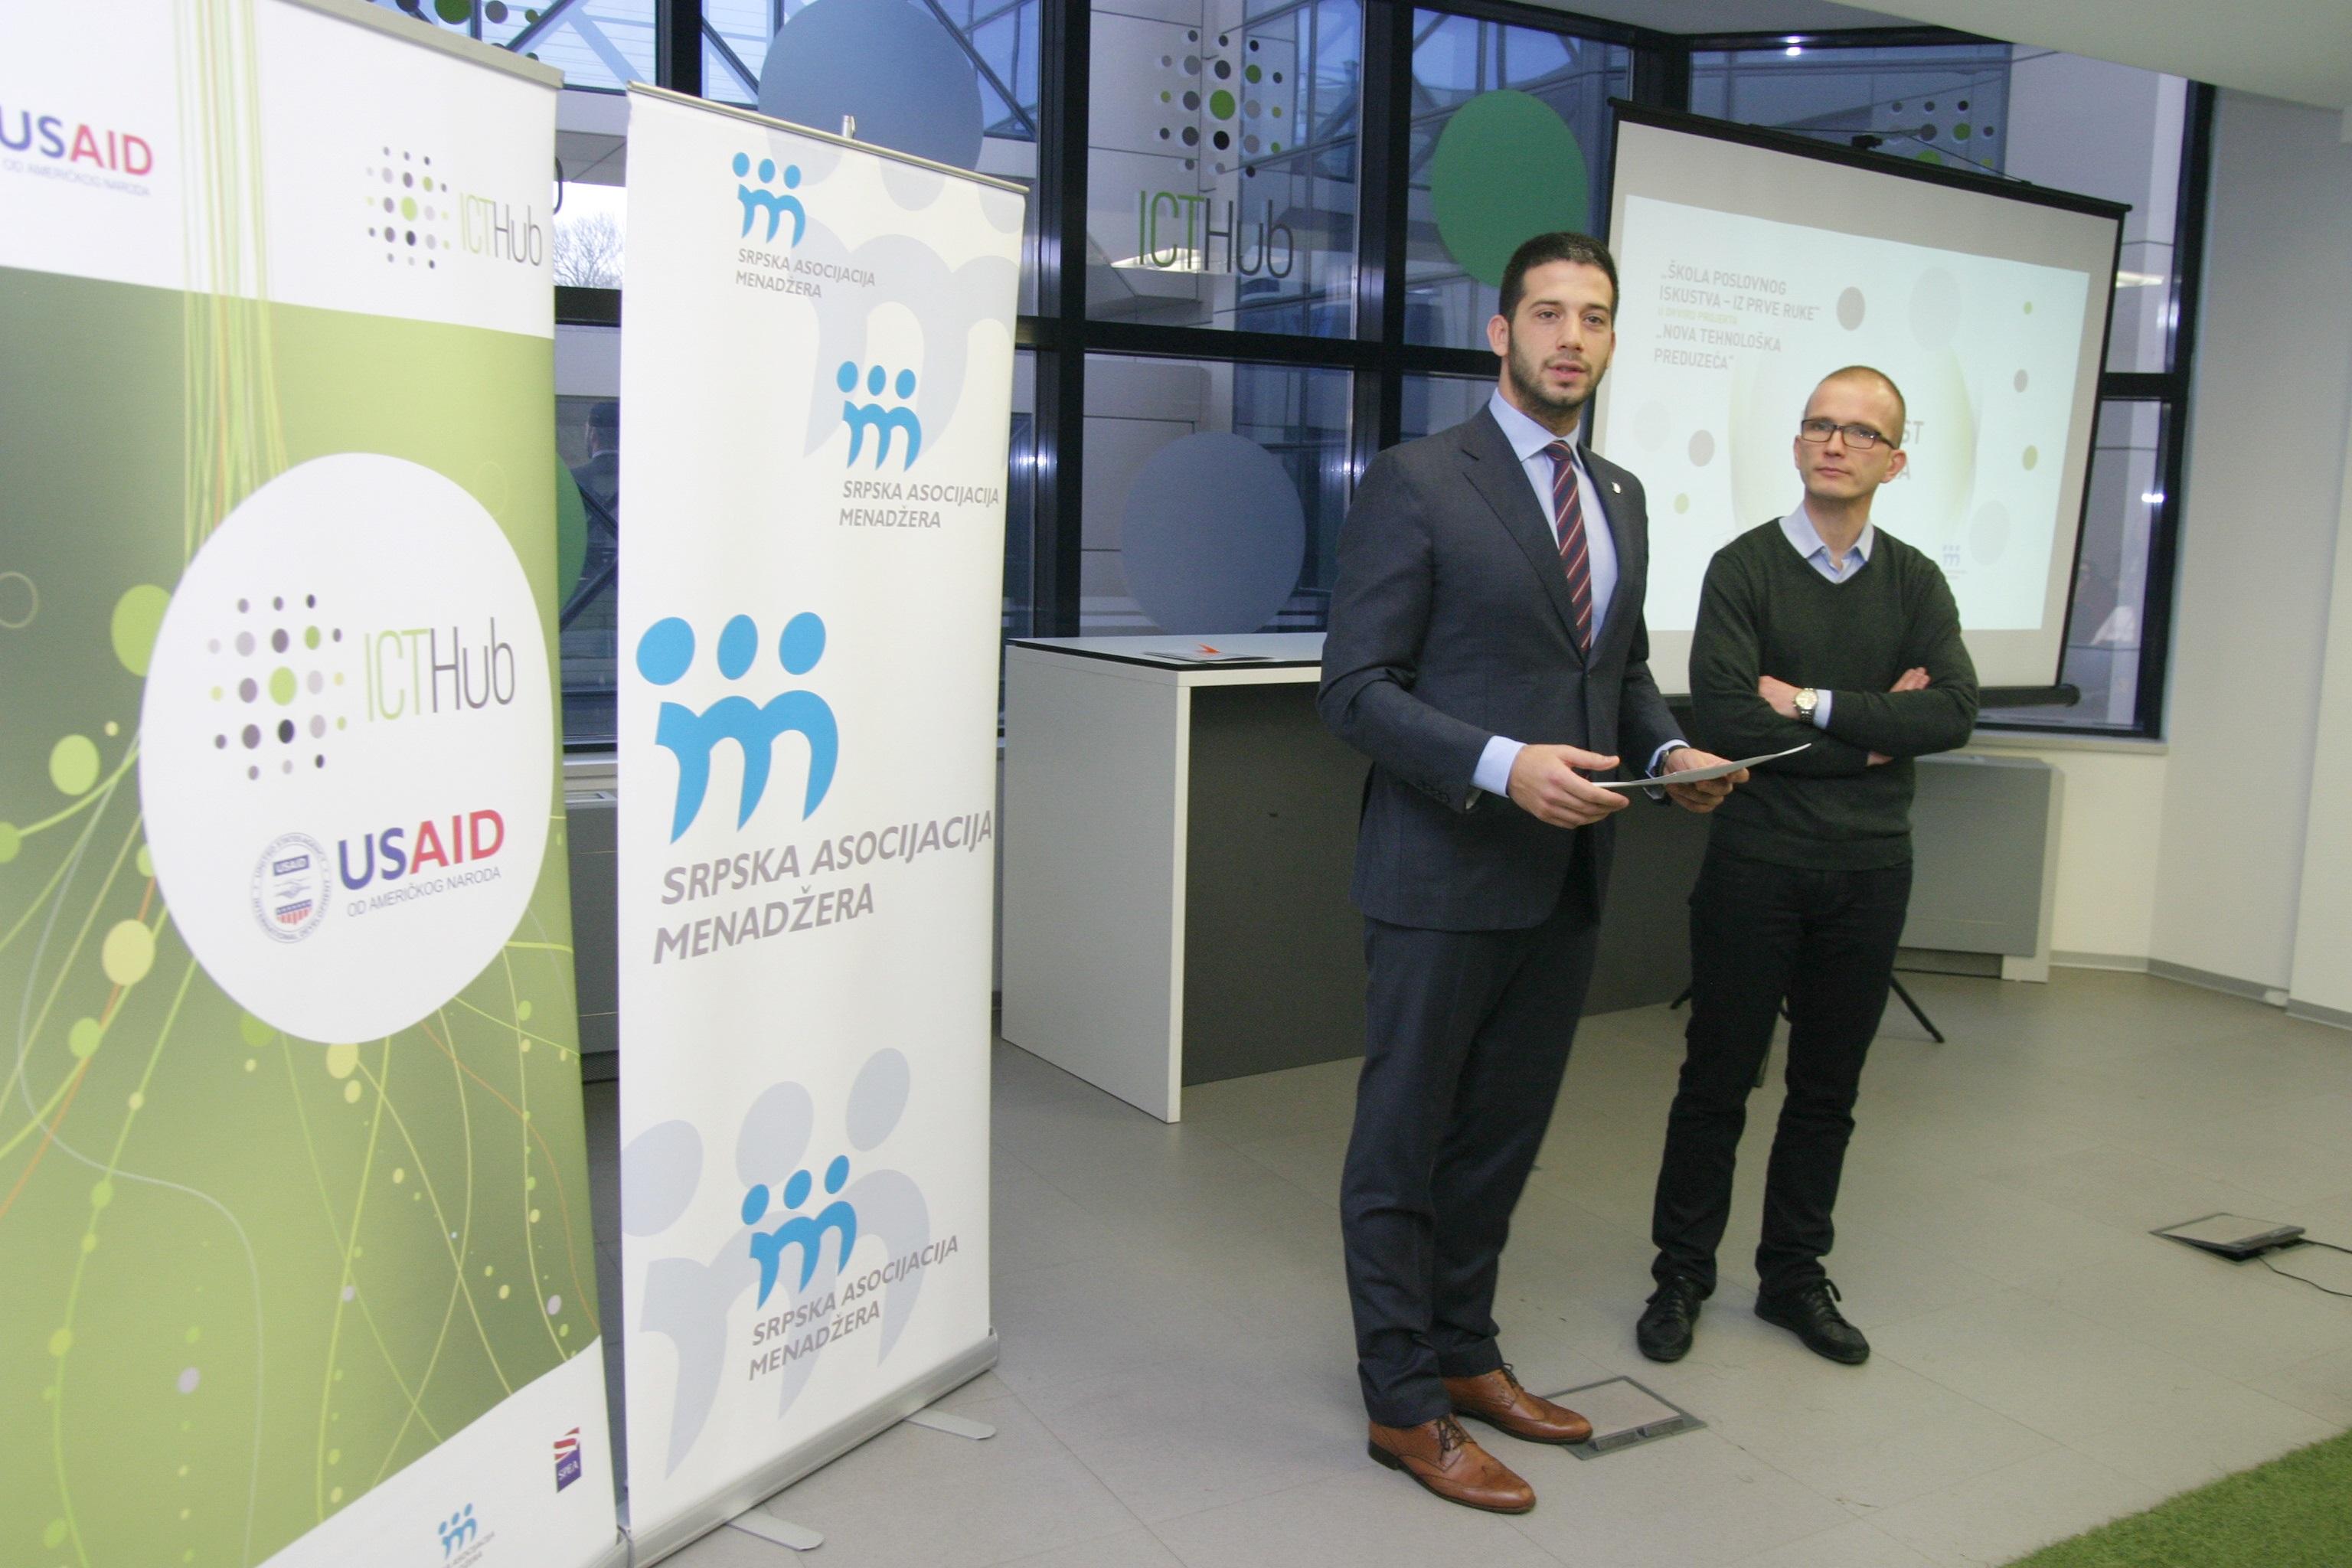 Ministar omladine i sporta, Vanja Udovicic, sa izvrsnim direktorom ICT Huba, Kostom Andricem